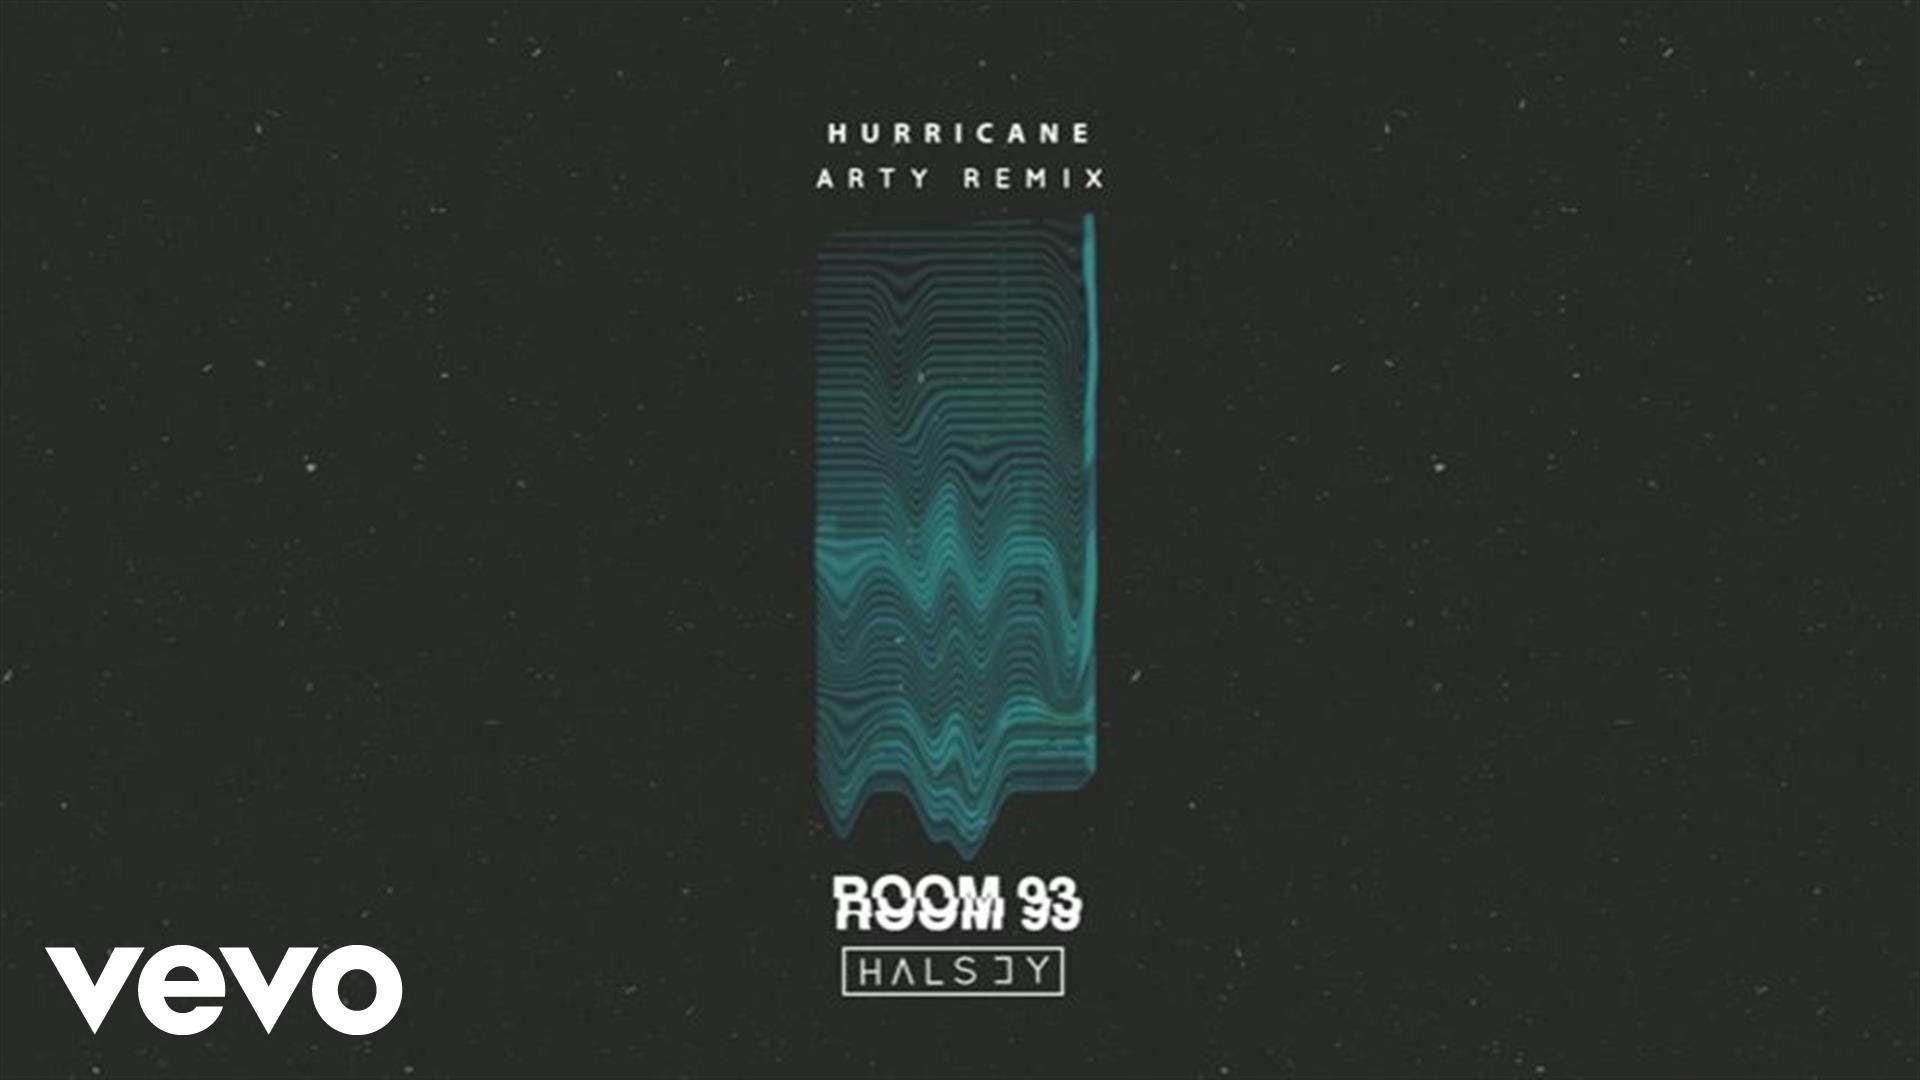 Halsey Hurricane Arty Remix Audio Halsey Remix Vevo